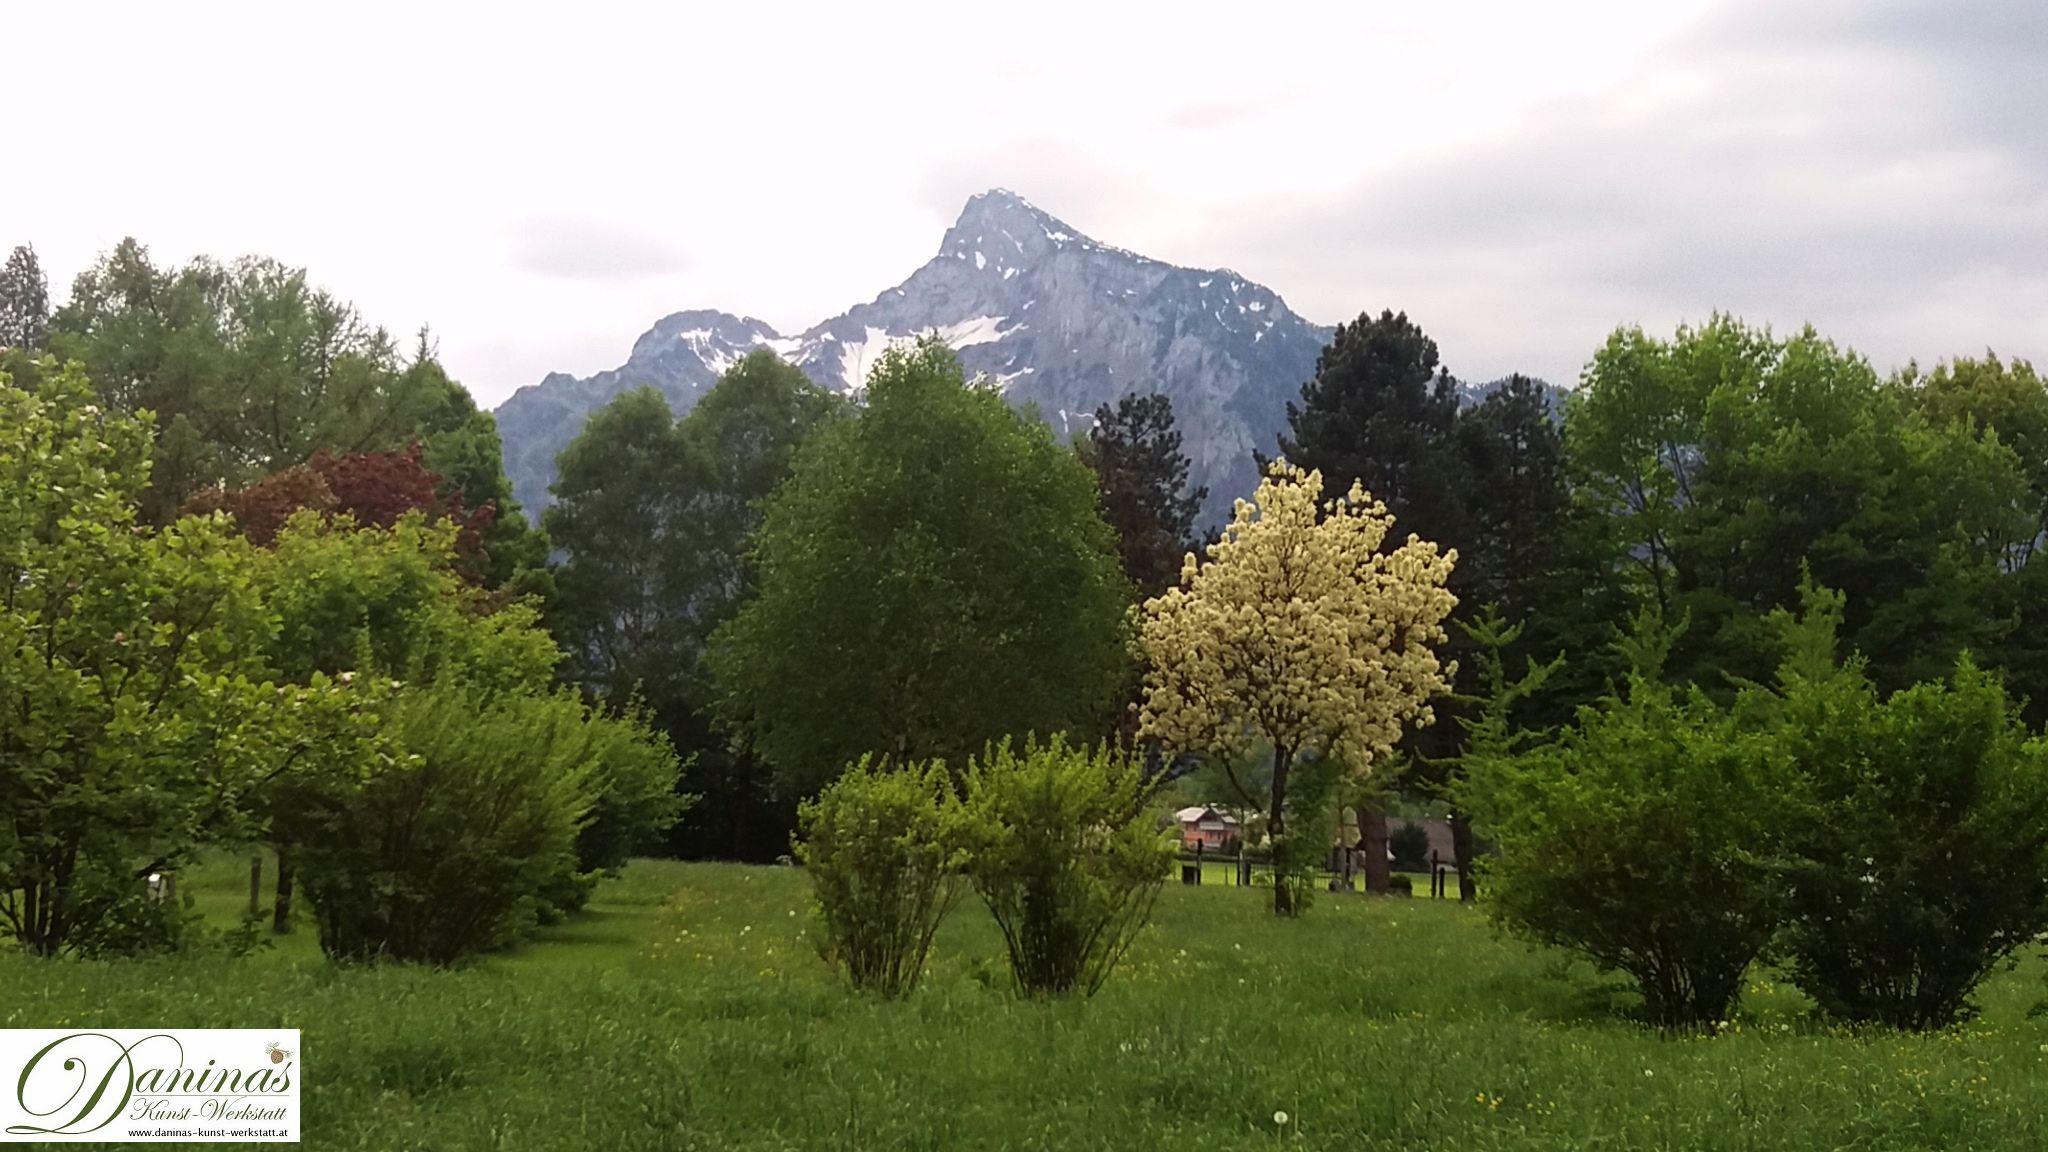 Blick zum sagenumwobenen Untersberg. Der Salzburger Kommunalfriedhof ist aufgrund seiner landschaftsarchitektonischen Schönheit und prächtigen Lage einzigartig und einen Besuch wert!